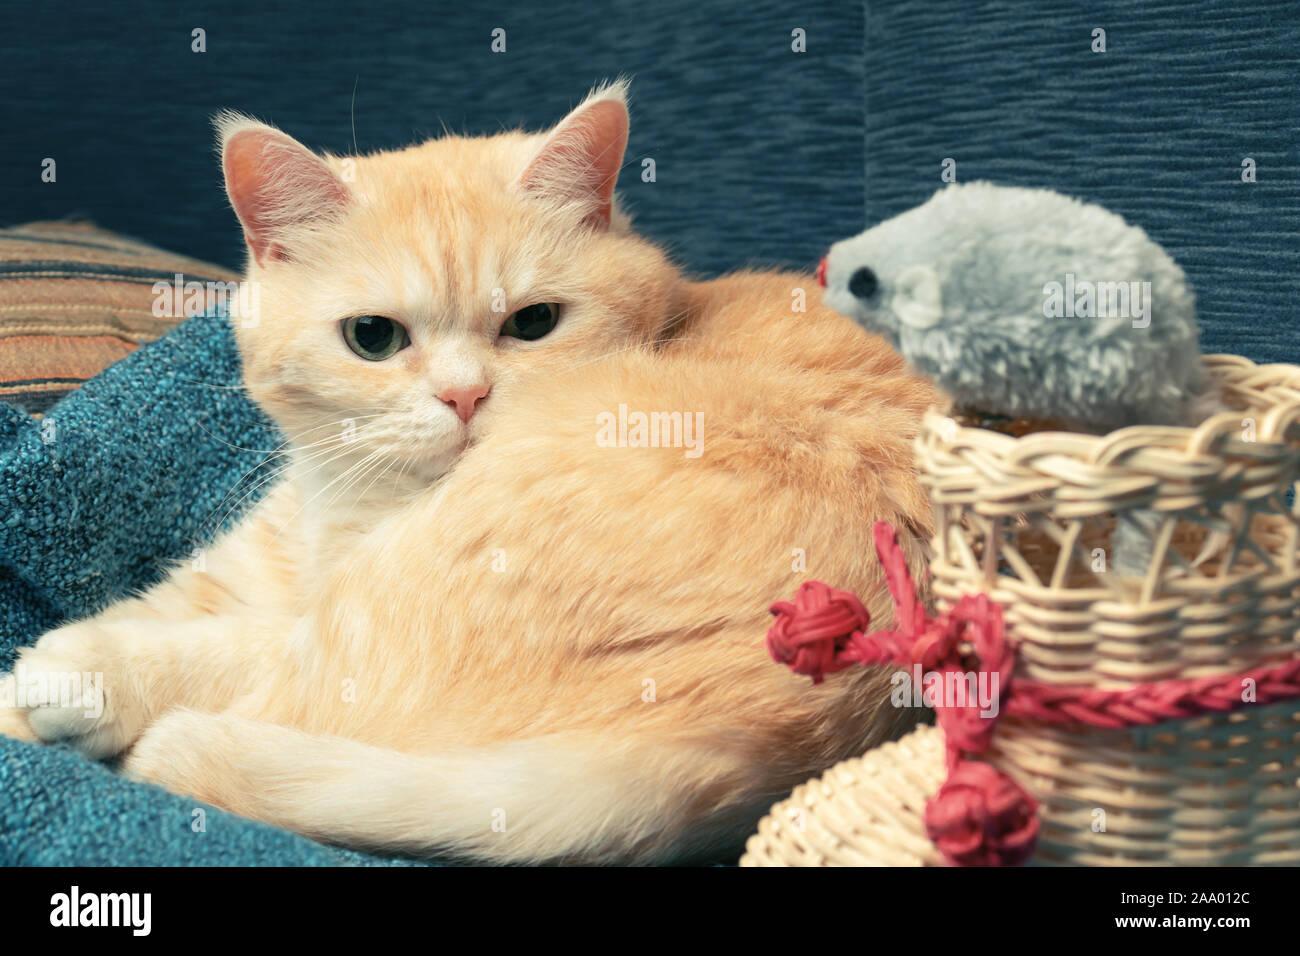 Süße Creme Tabby Katze liegt auf einer Blue Plaid neben einem wicker Boot und einem Spielzeug Maus. Stockfoto